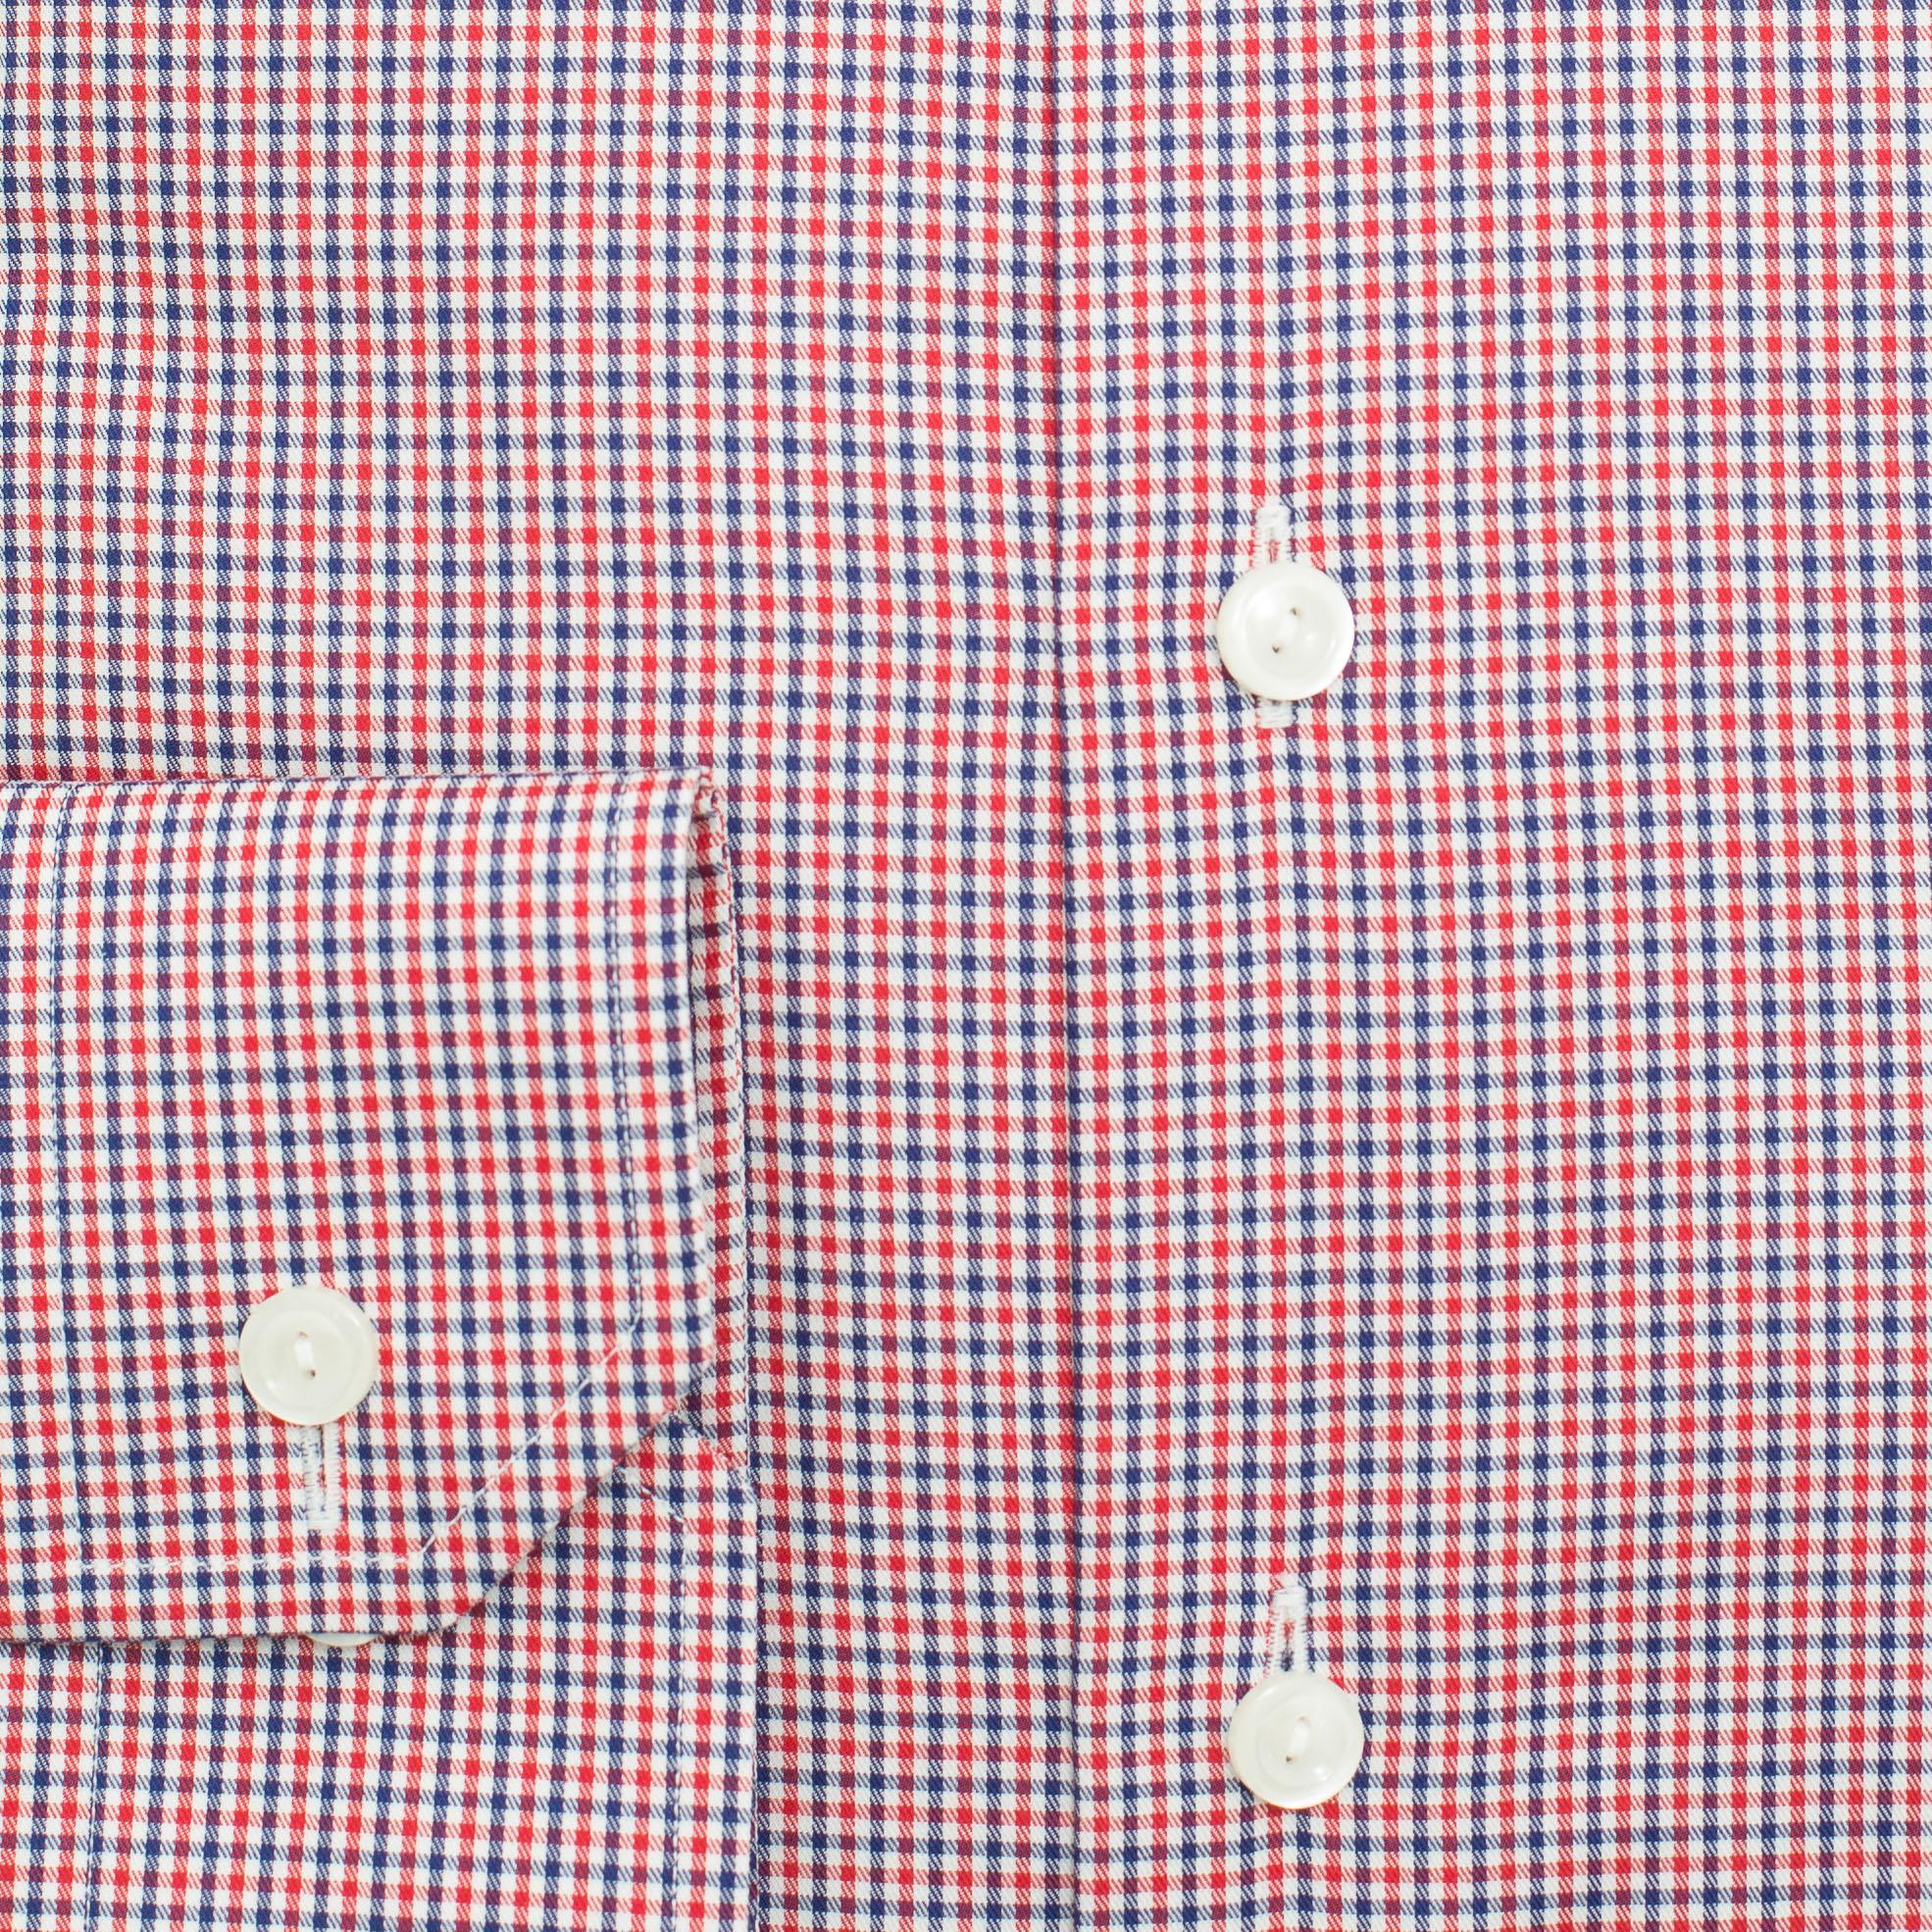 produktfoto skjorta